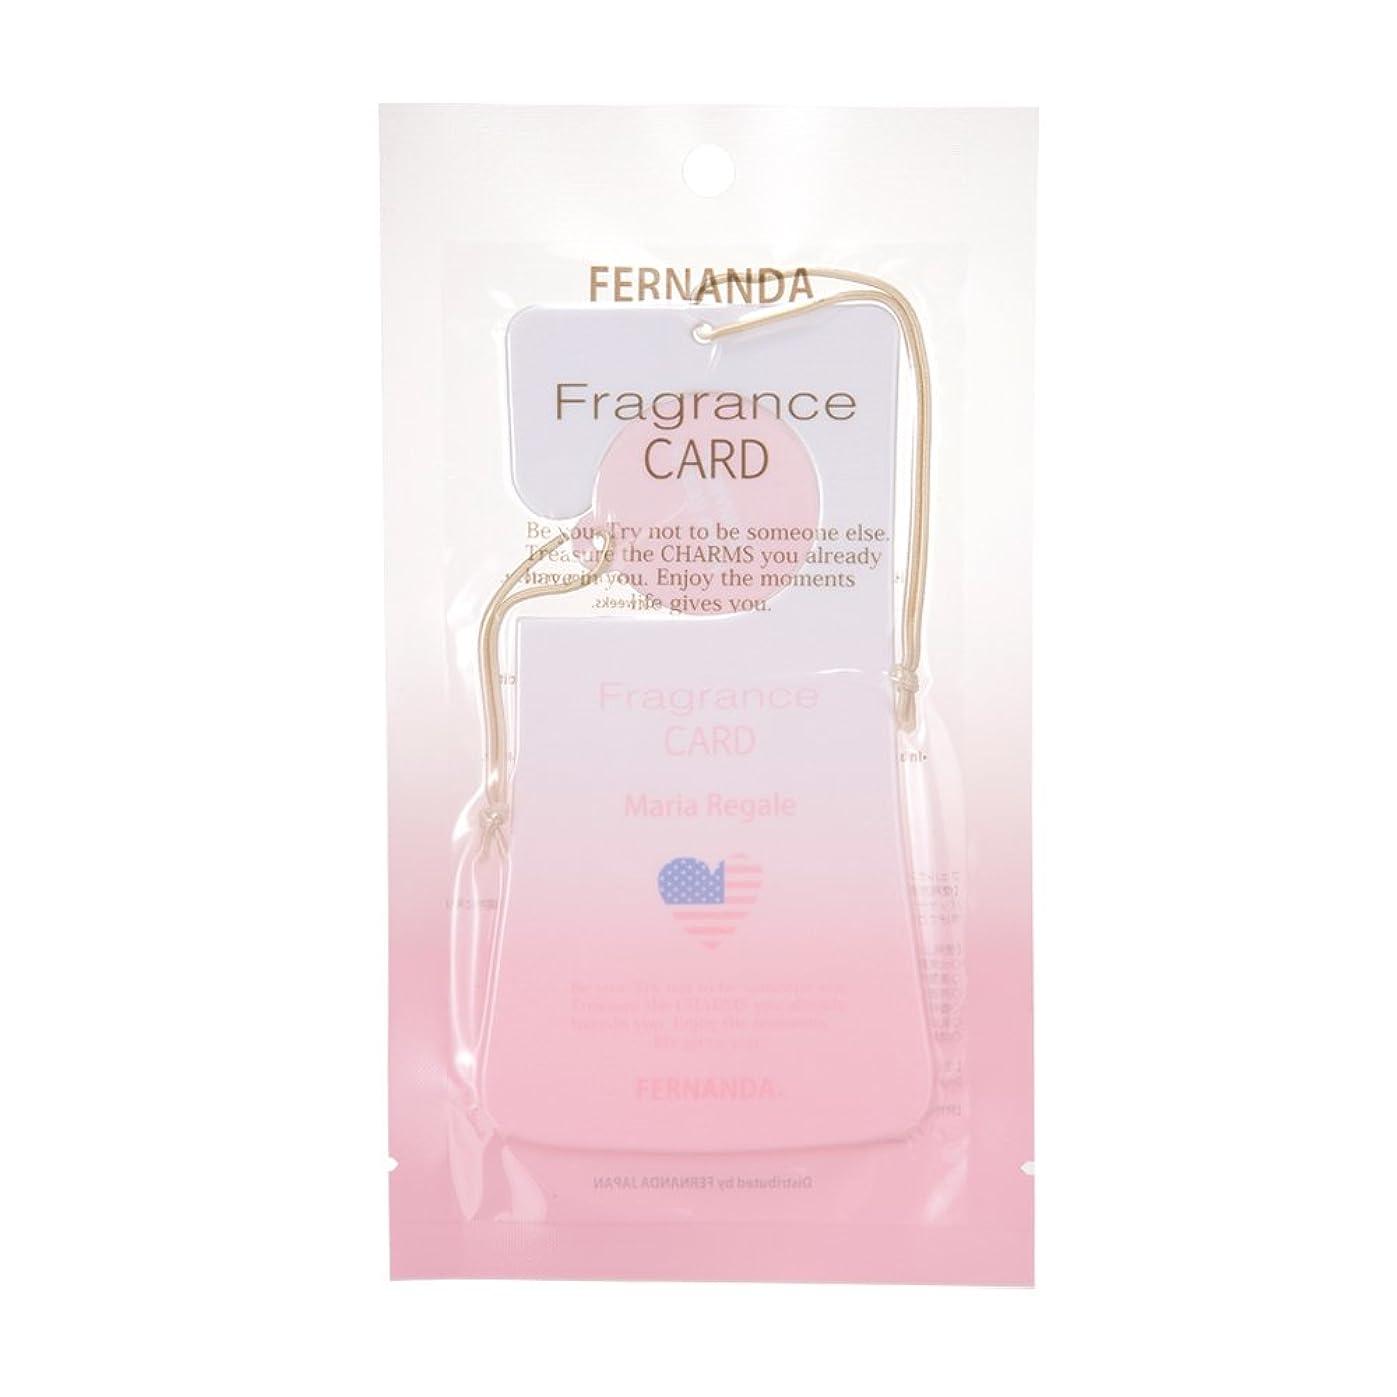 トランクいつも考古学者FERNANDA(フェルナンダ) Fragrance Card Maria Regale (フレグランスカード マリアリゲル)